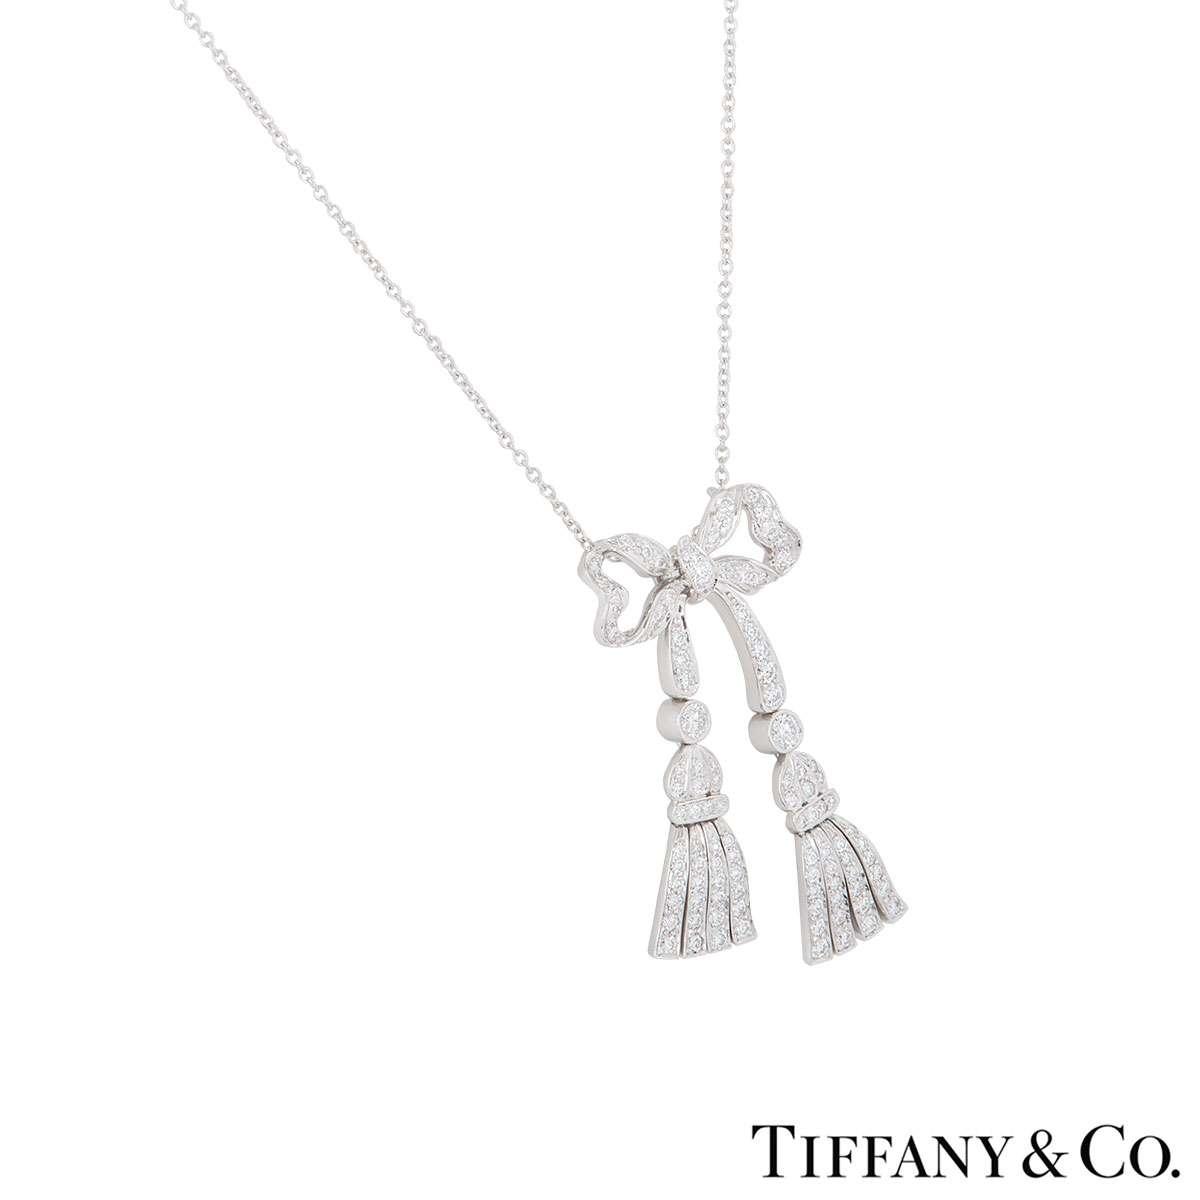 Tiffany & Co. Diamond Bow Necklace